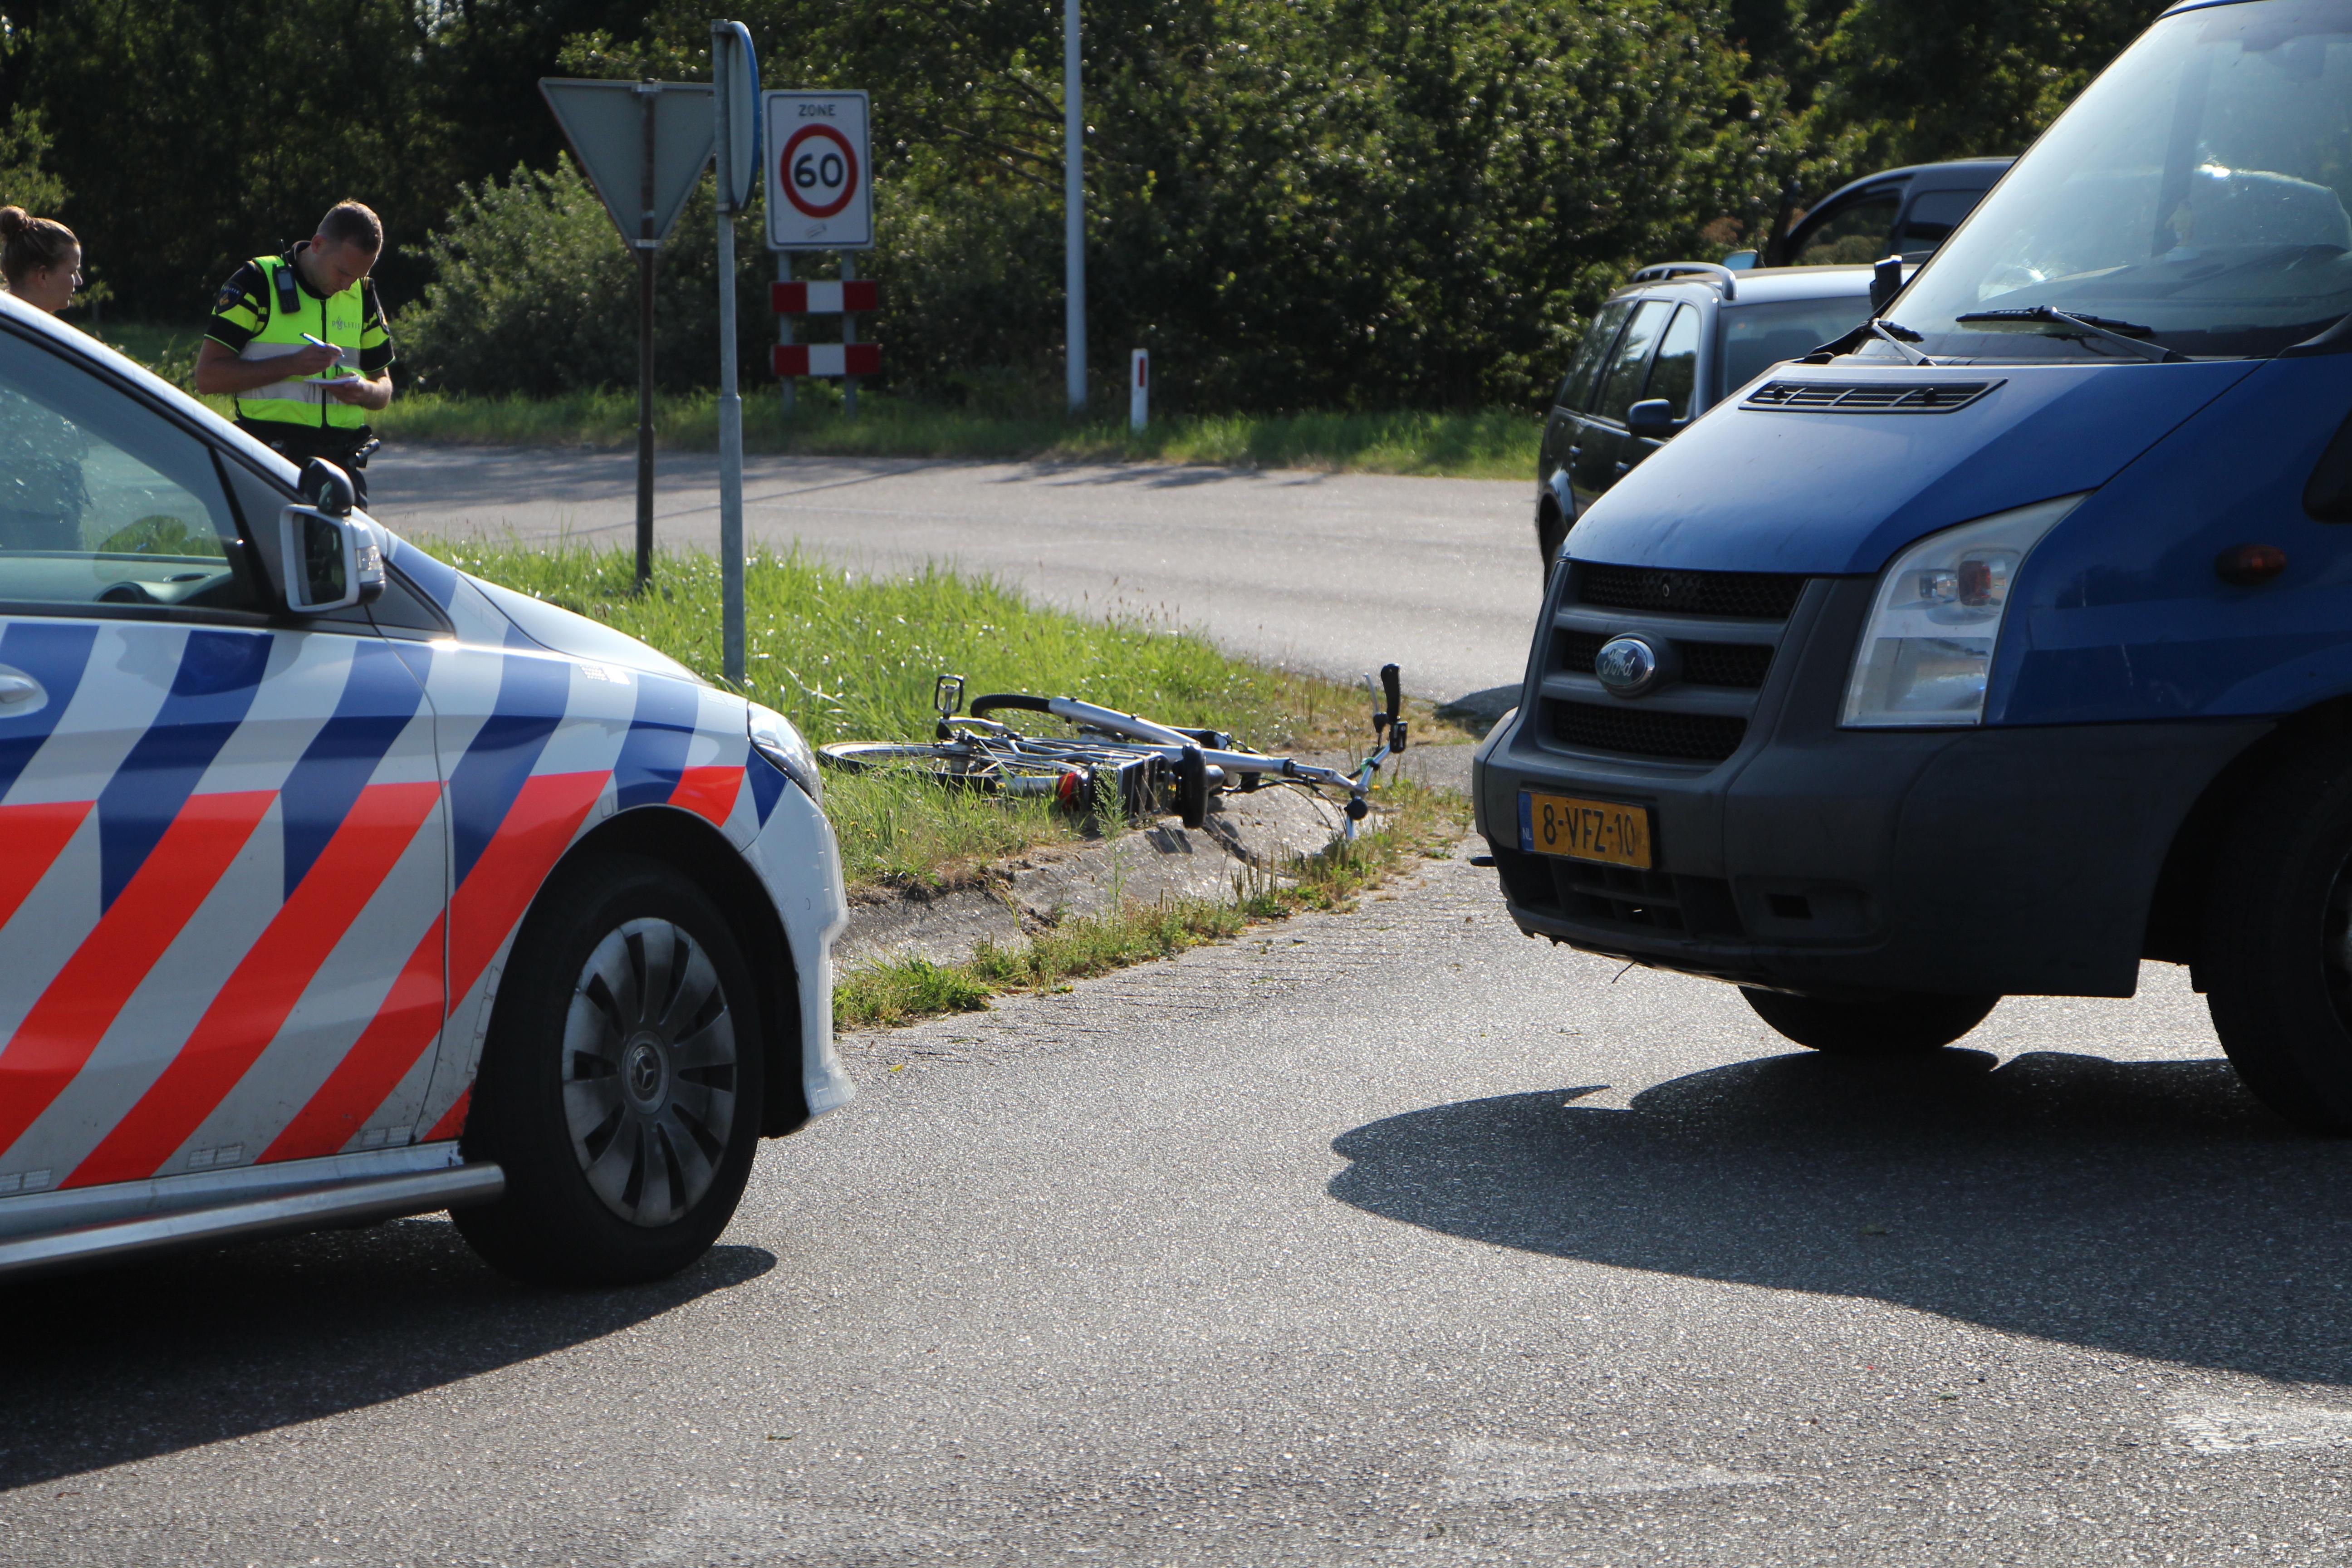 vrouw op een e-bike gewond geraakt bij ongeval